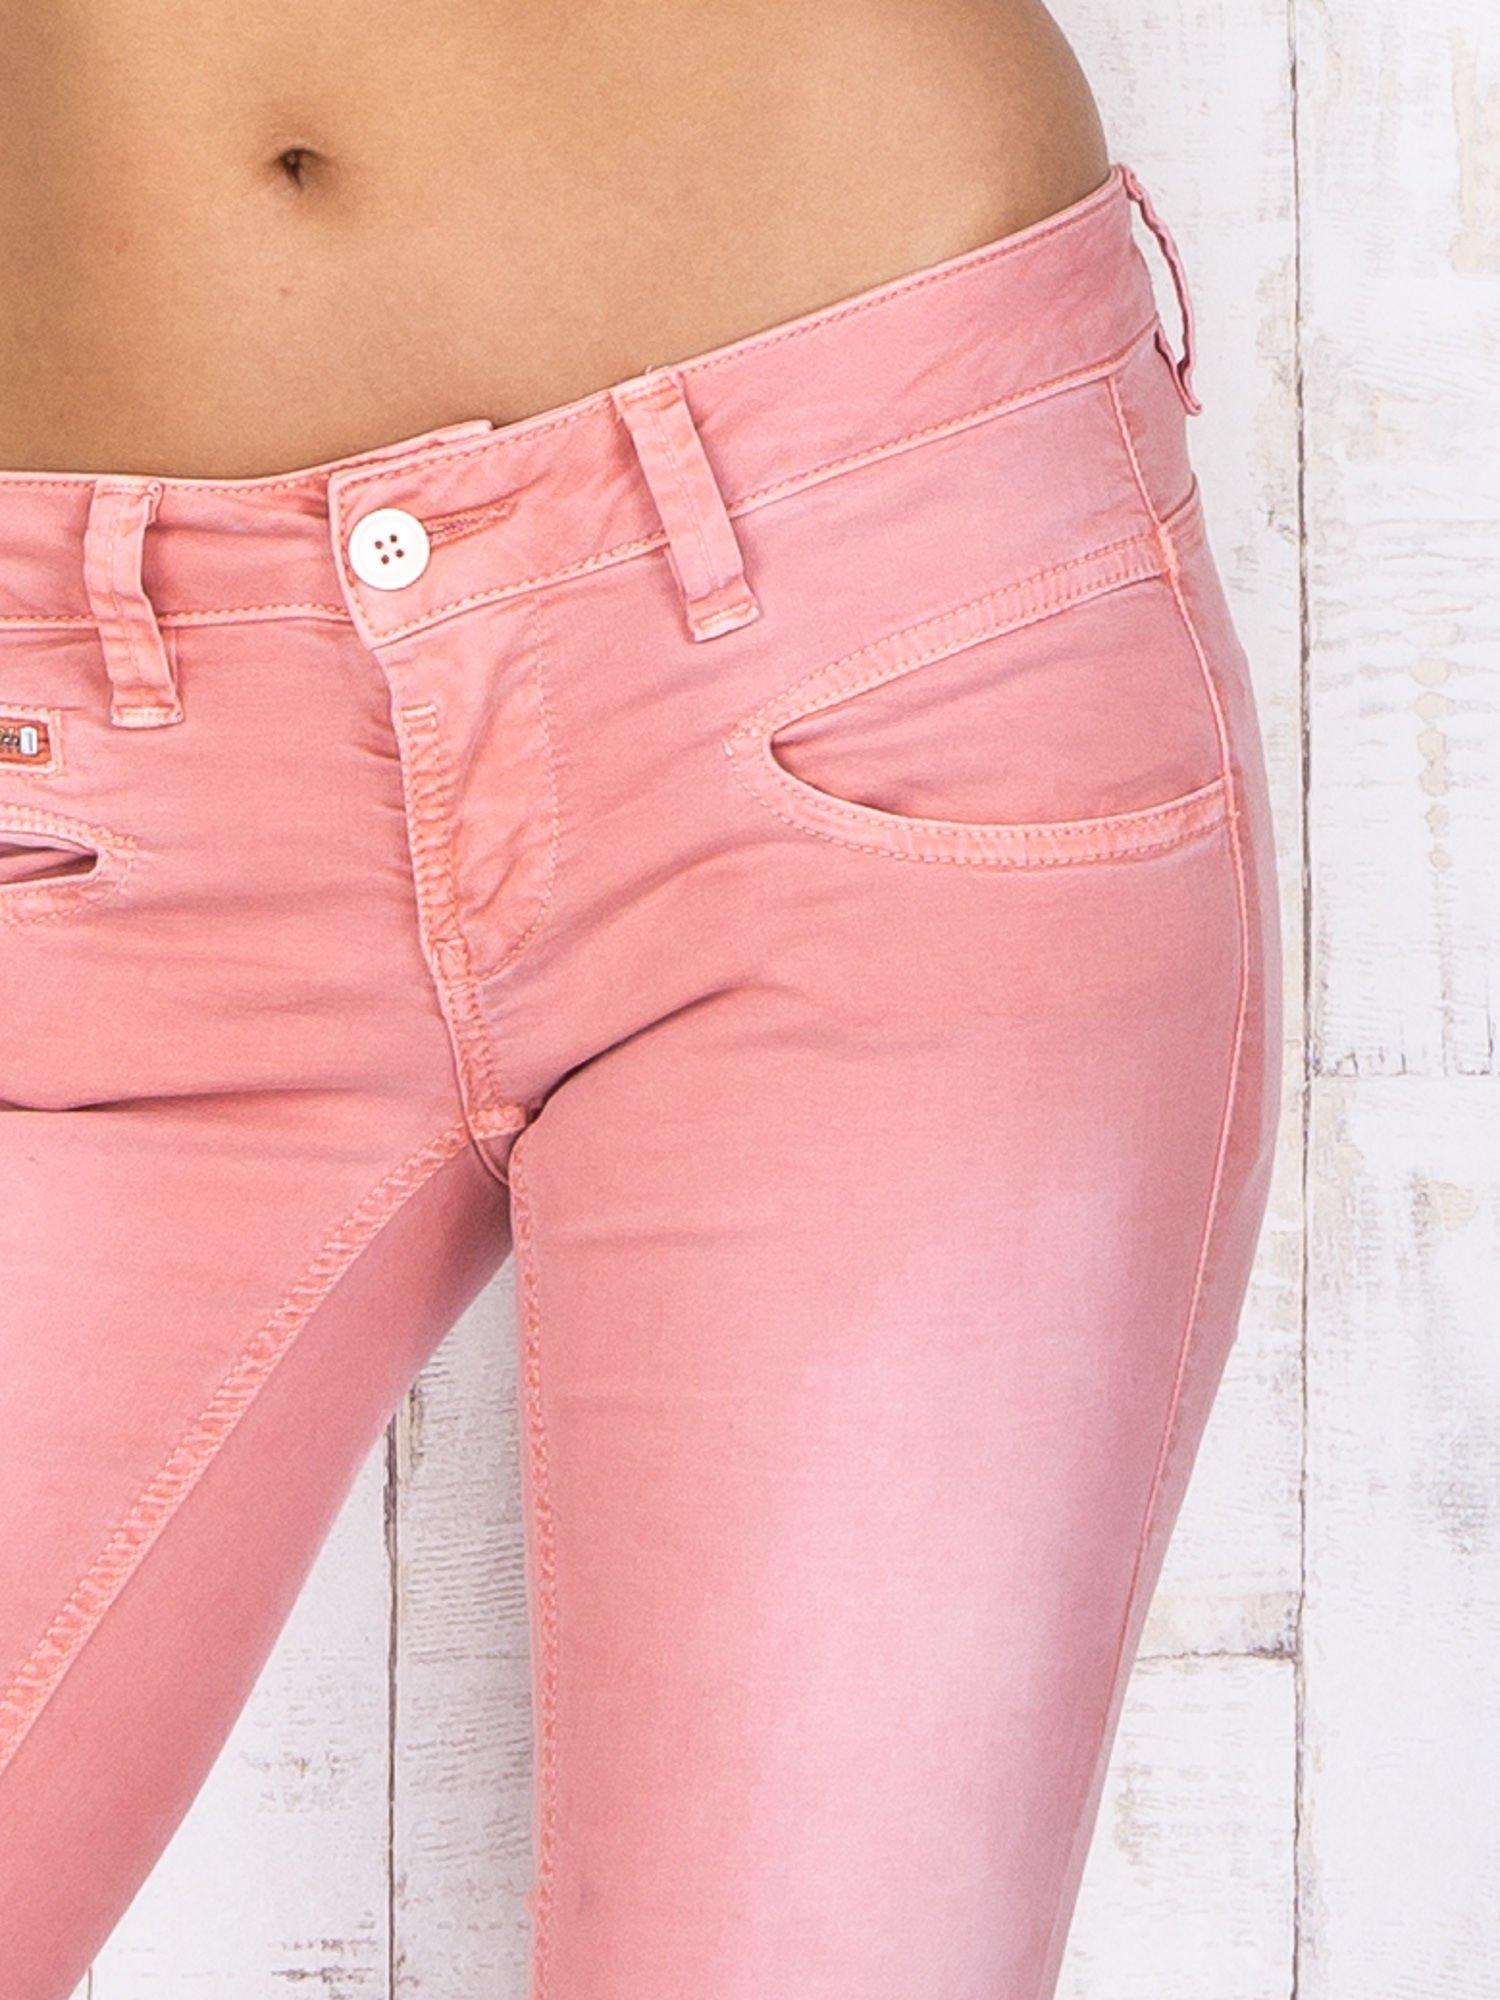 Koralowe materiałowe spodnie skinny z zasuwanymi kieszonkami                                  zdj.                                  4